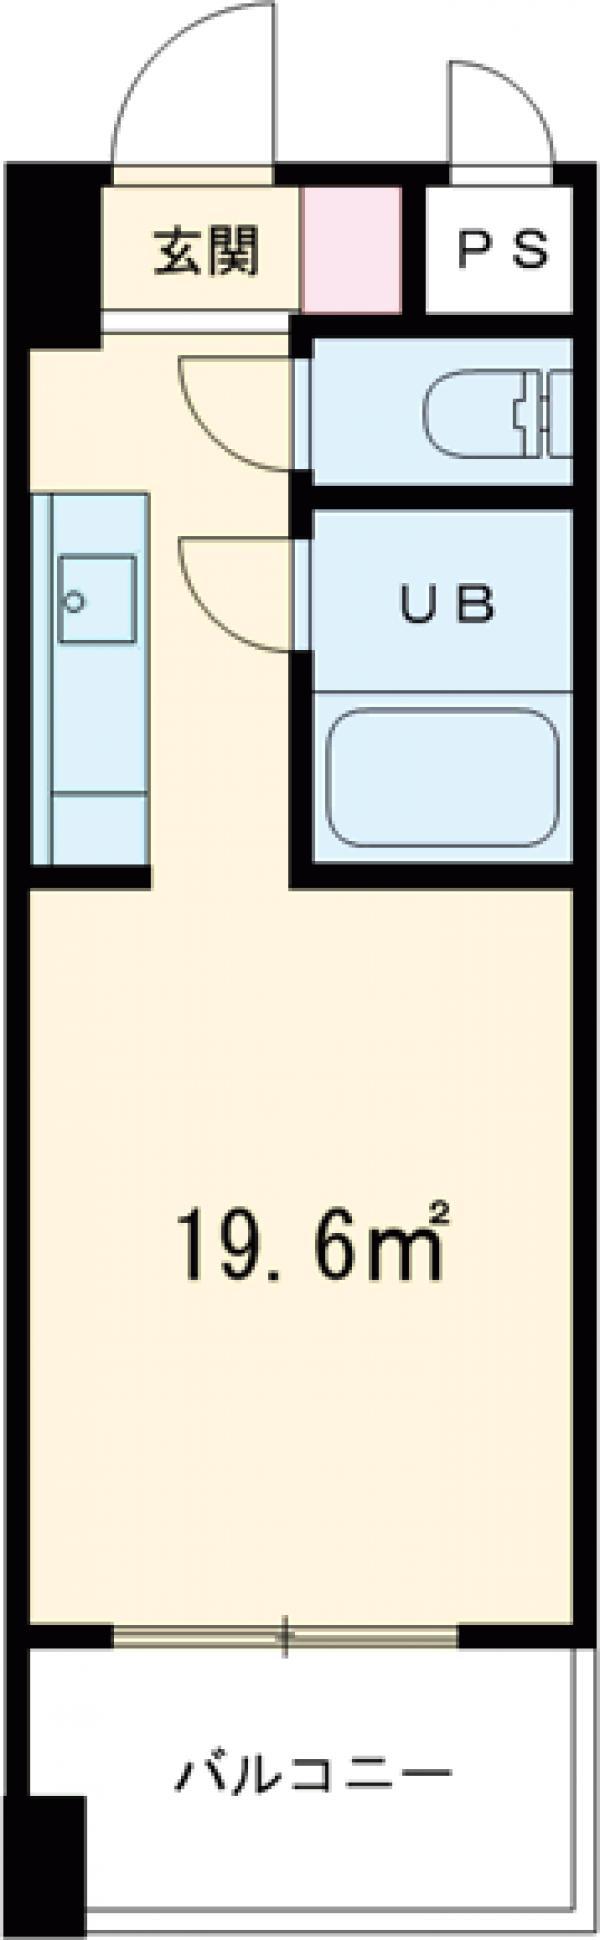 永井ビル 804号室の間取り